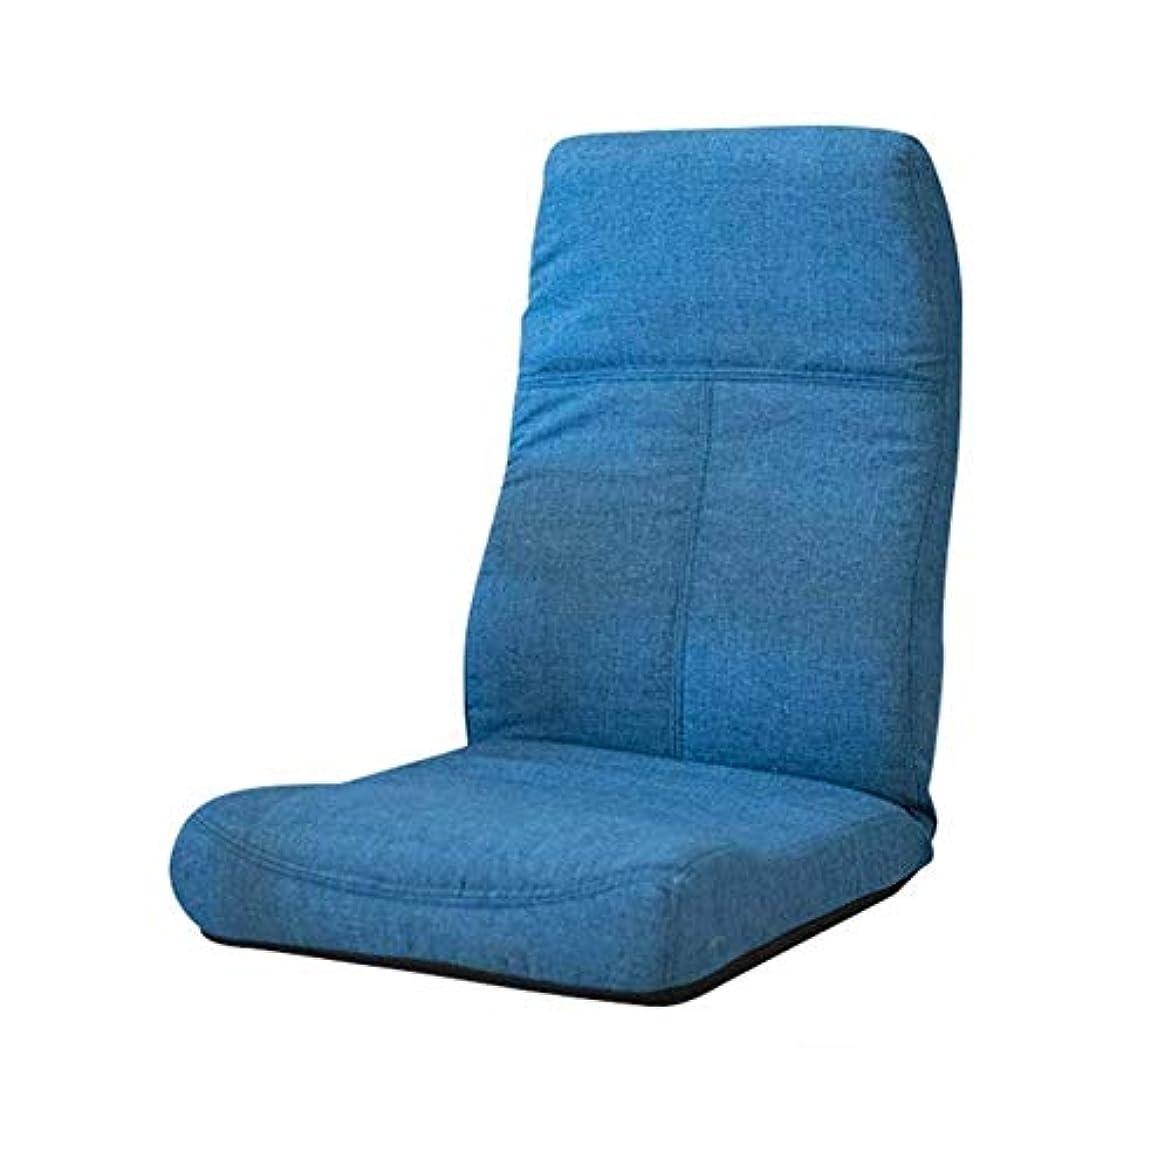 動揺させるアニメーション望まない瞑想の椅子、座るソファー、折りたたみ畳の床、折り畳み式の洗える増粘、バルコニーの寝室のコンピュータークッションブルー